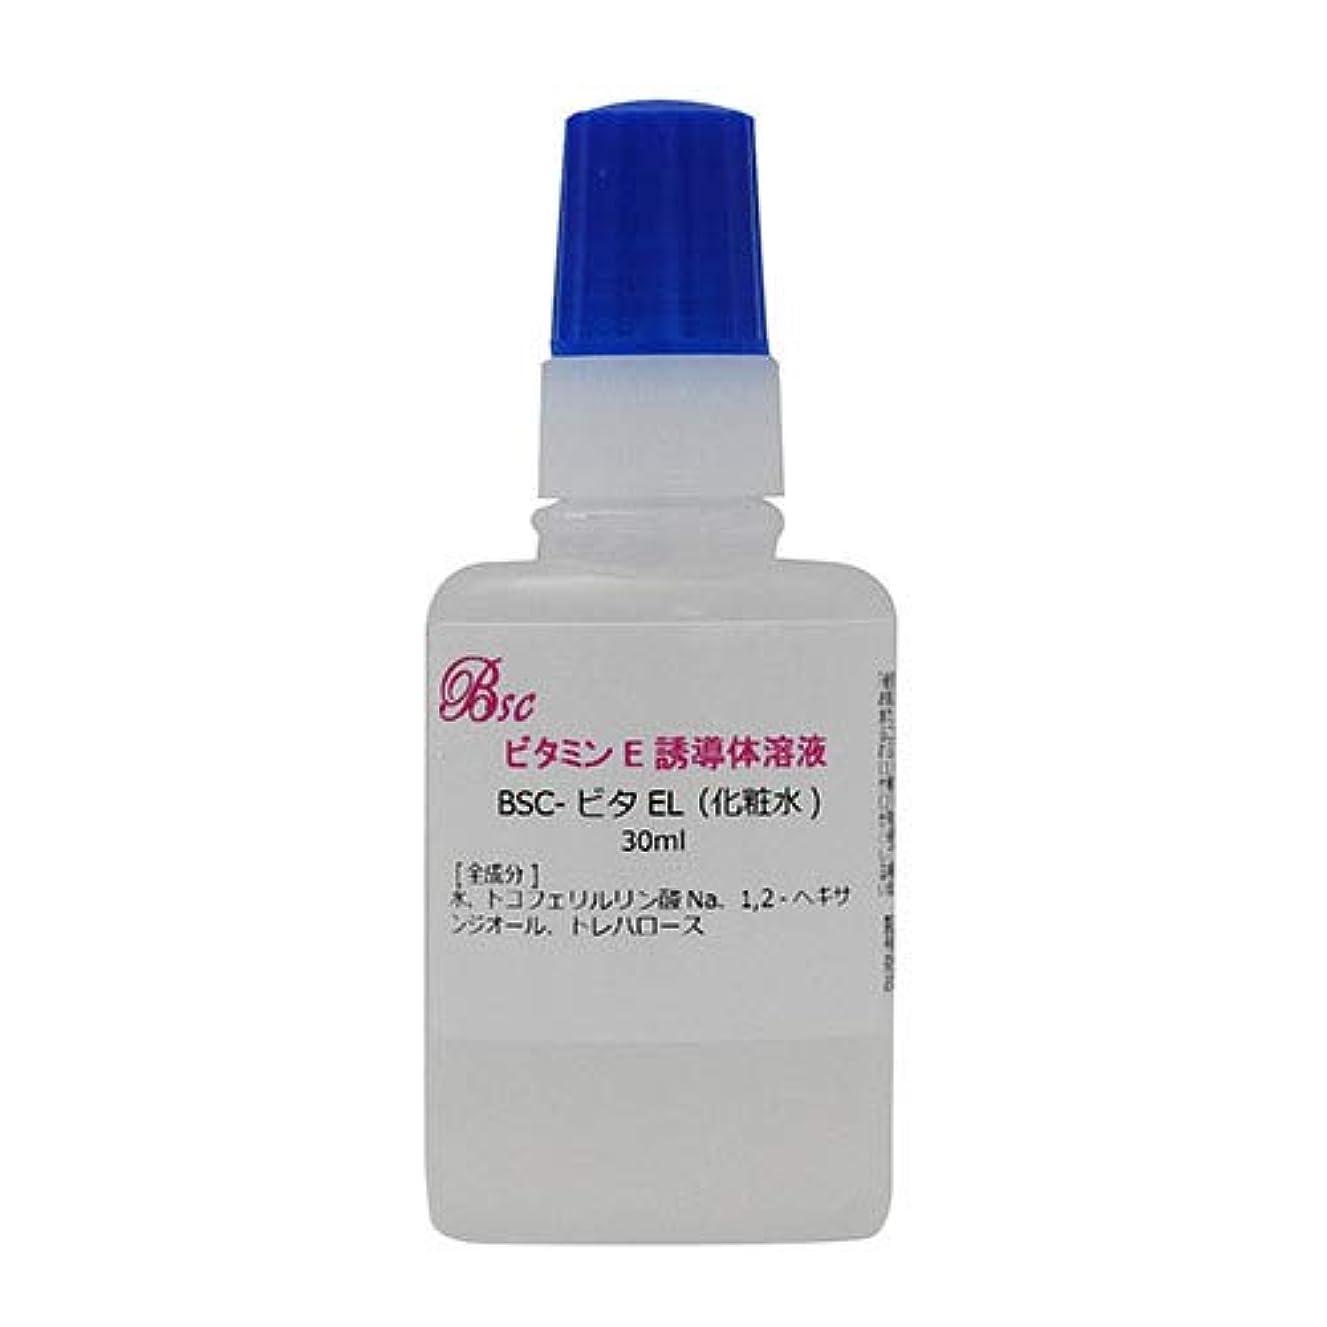 実行可能葉を拾うレッスンビタミンE誘導体(トコフェリルリン酸Na)溶液?30ml